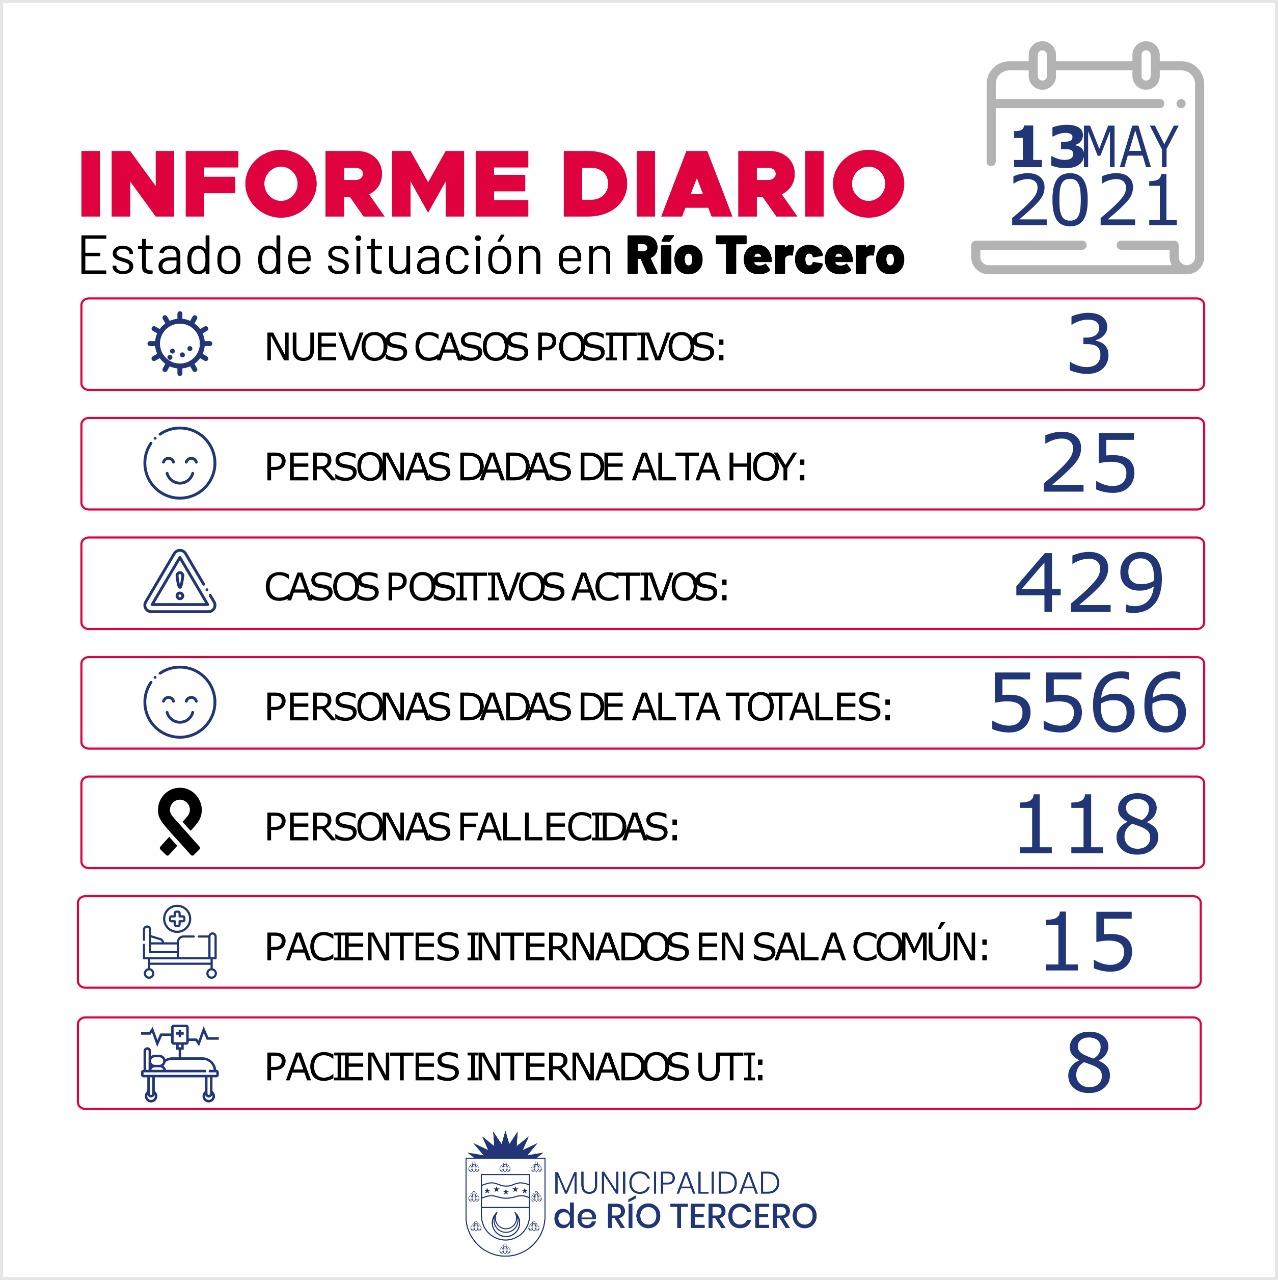 RÍO TERCERO: HUBO 1 FALLECIDO Y SE REGISTRARON 3 NUEVOS CASOS